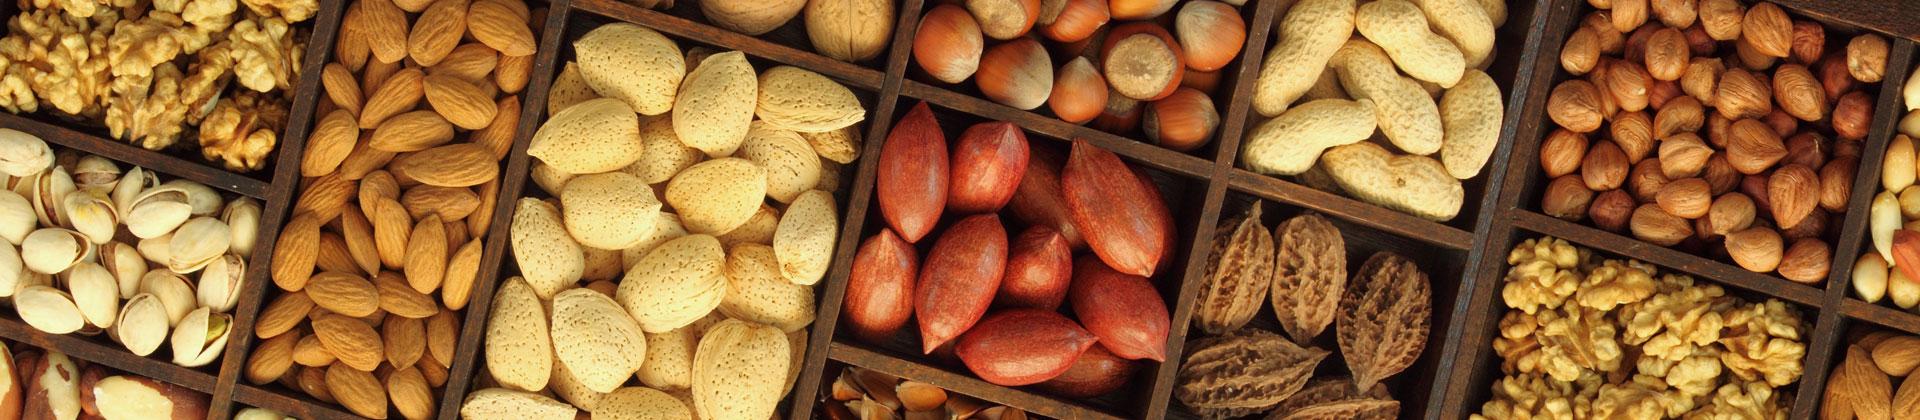 balboa-nuts